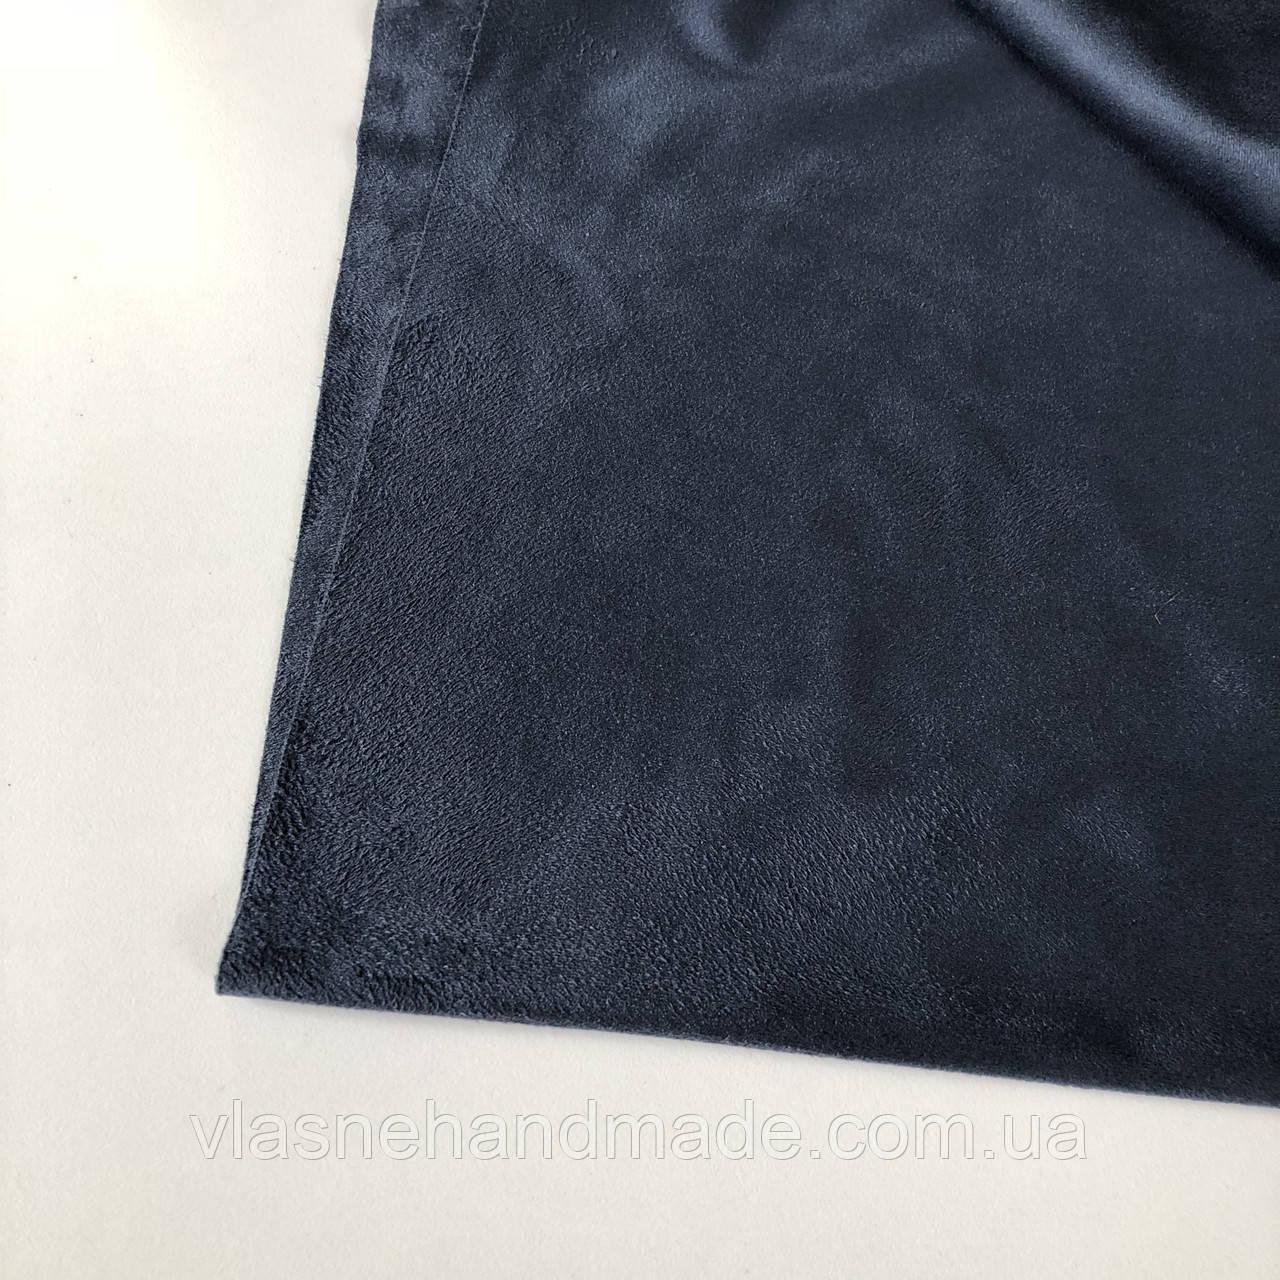 Замша штучна двостороння. Синя (7). Ціна за відріз 25х36 см.